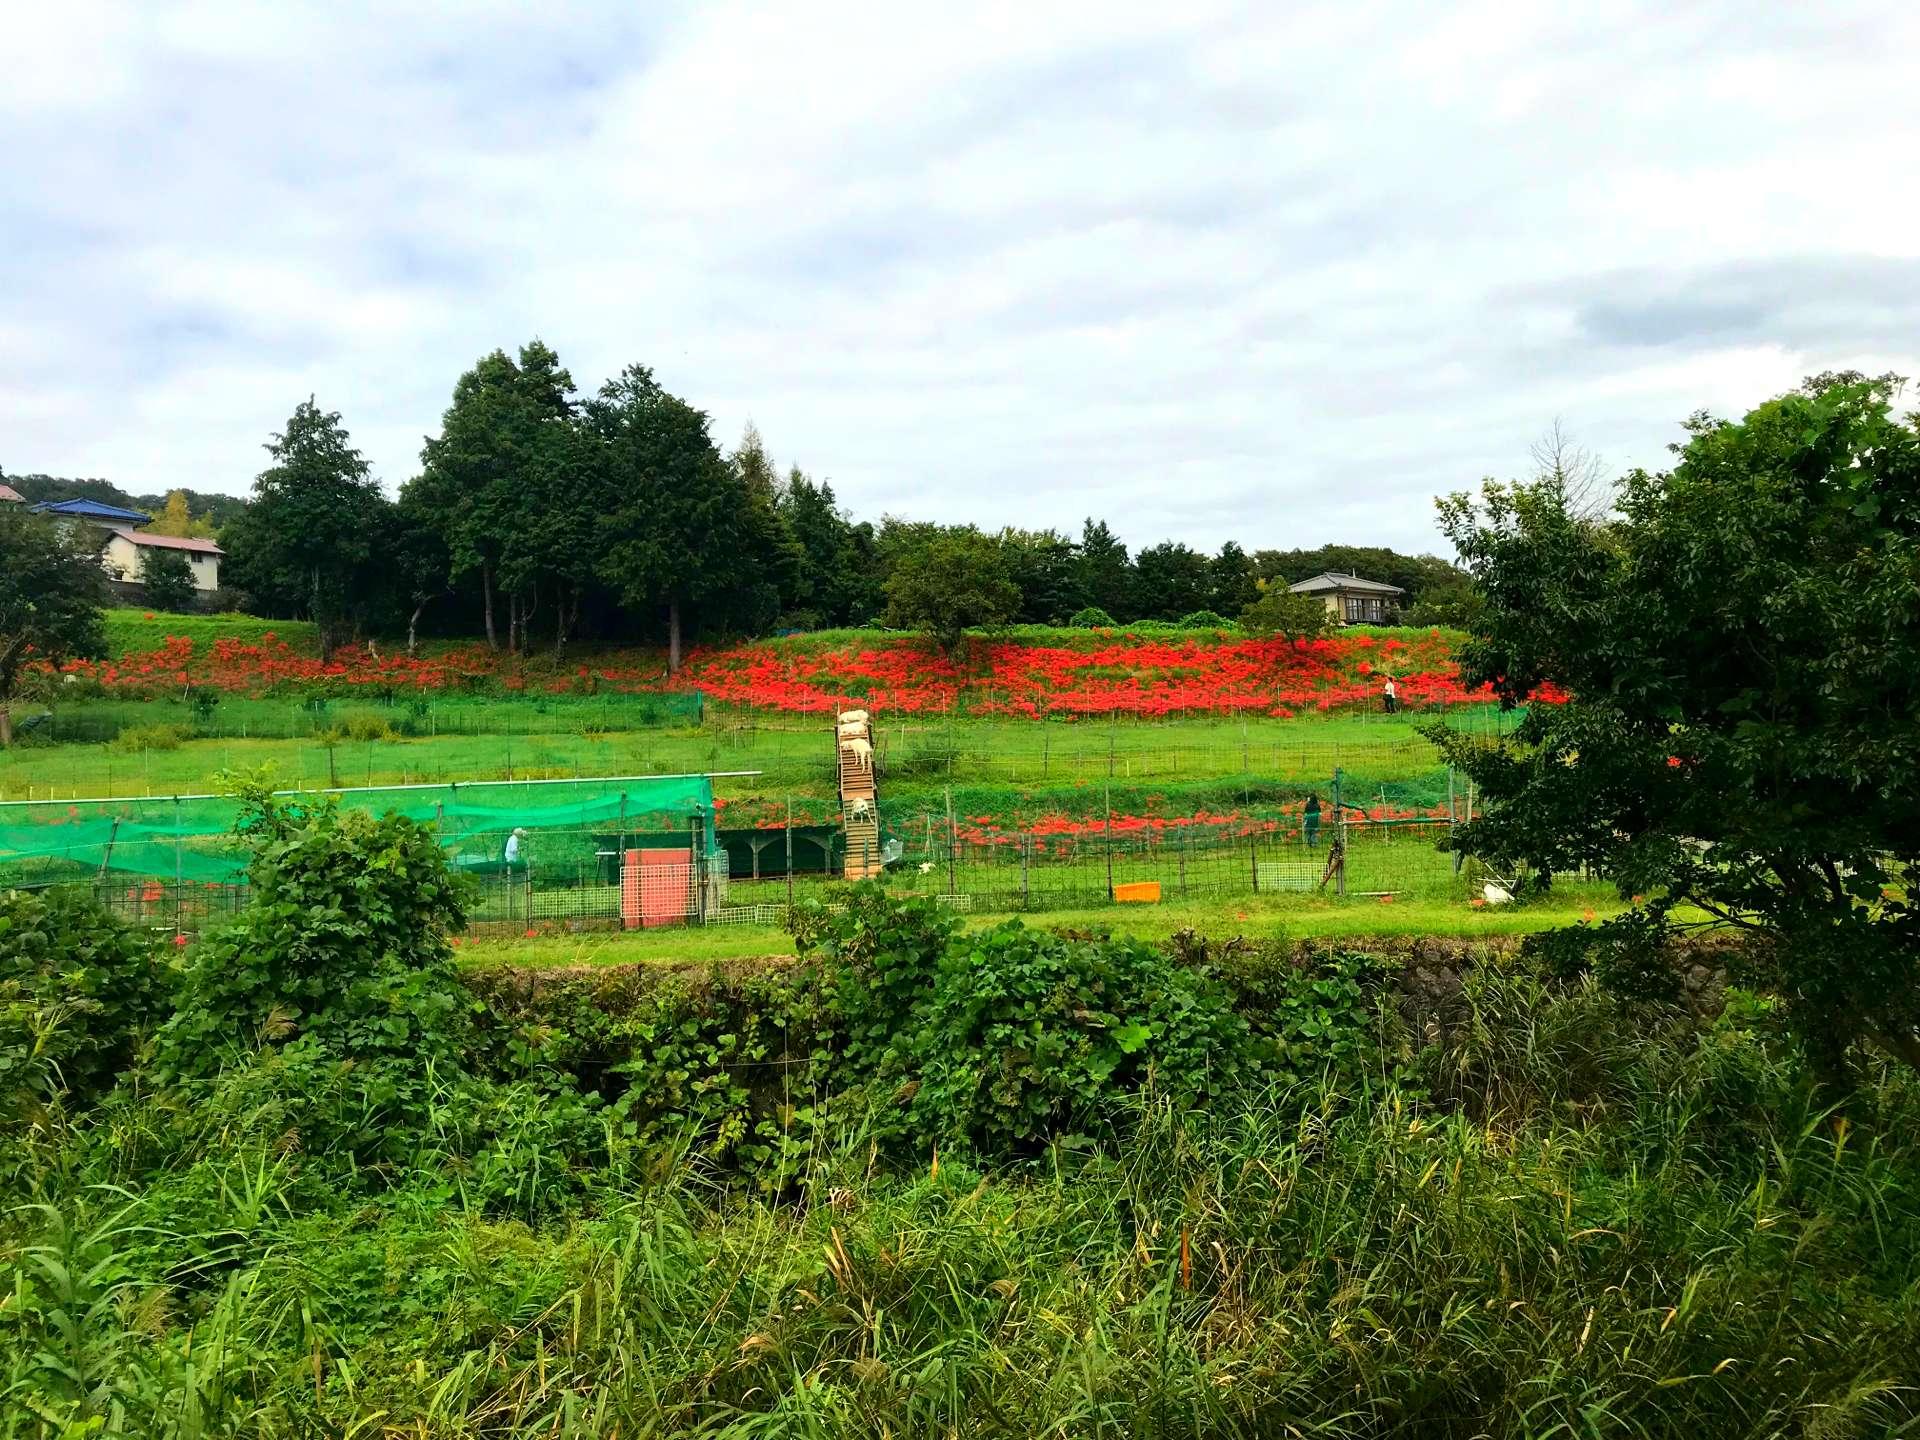 彼岸花赤紅熱情的色彩與靜謐恬靜的農村景色交織相融